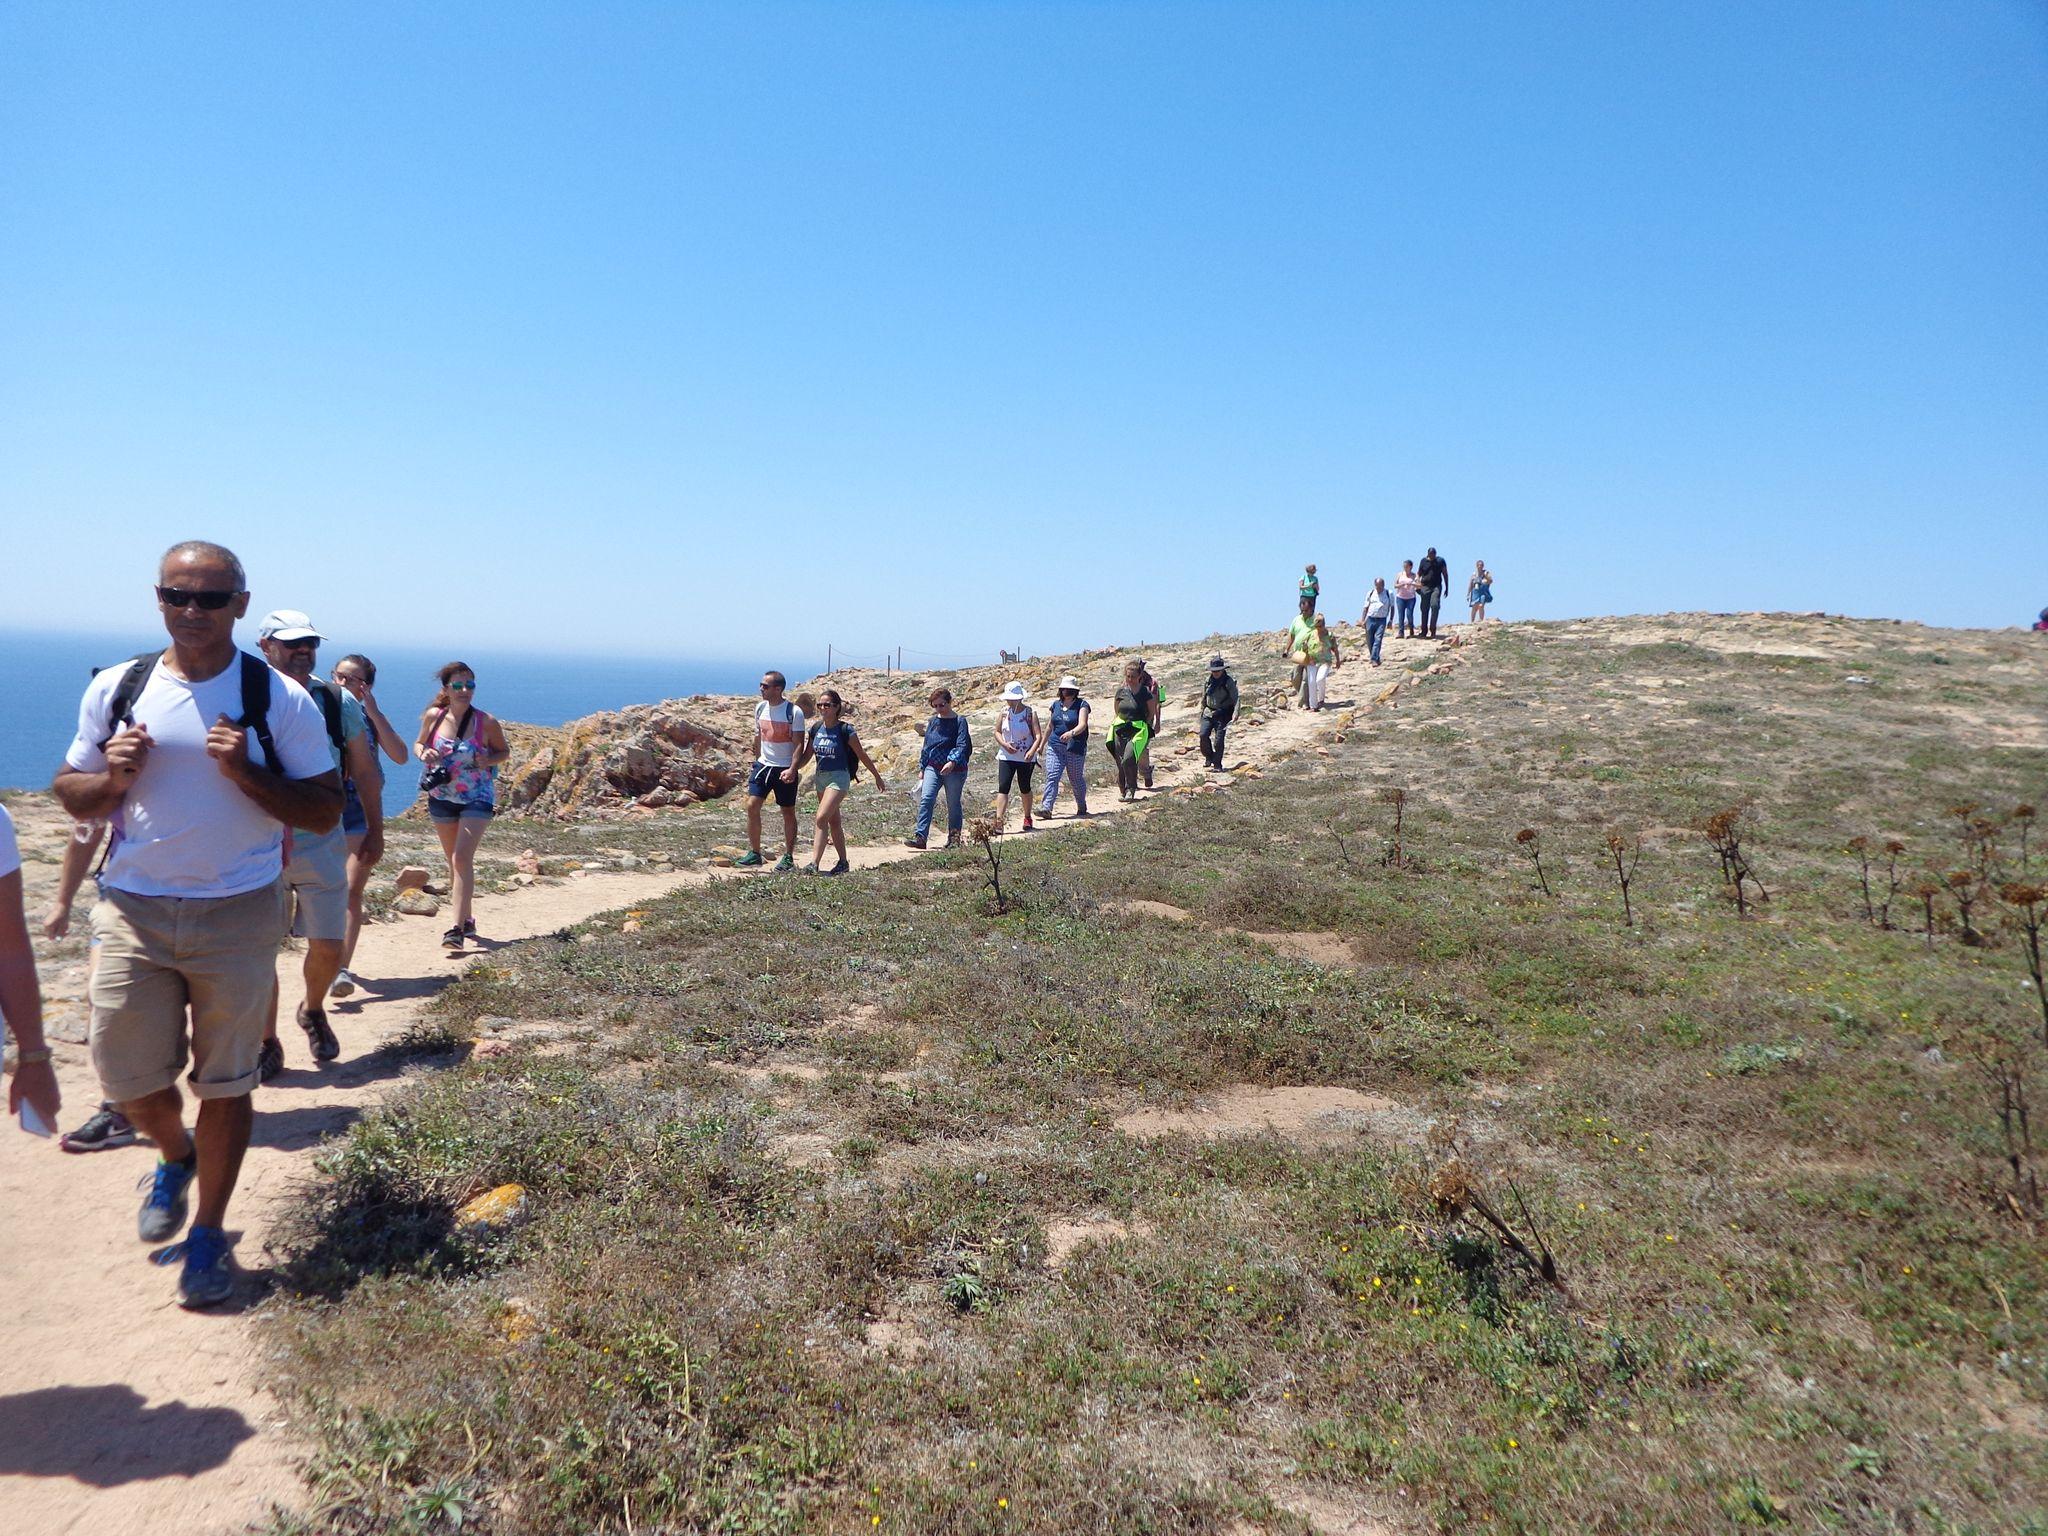 Grupo em caminhada na encosta de uma falésia junto ao mar